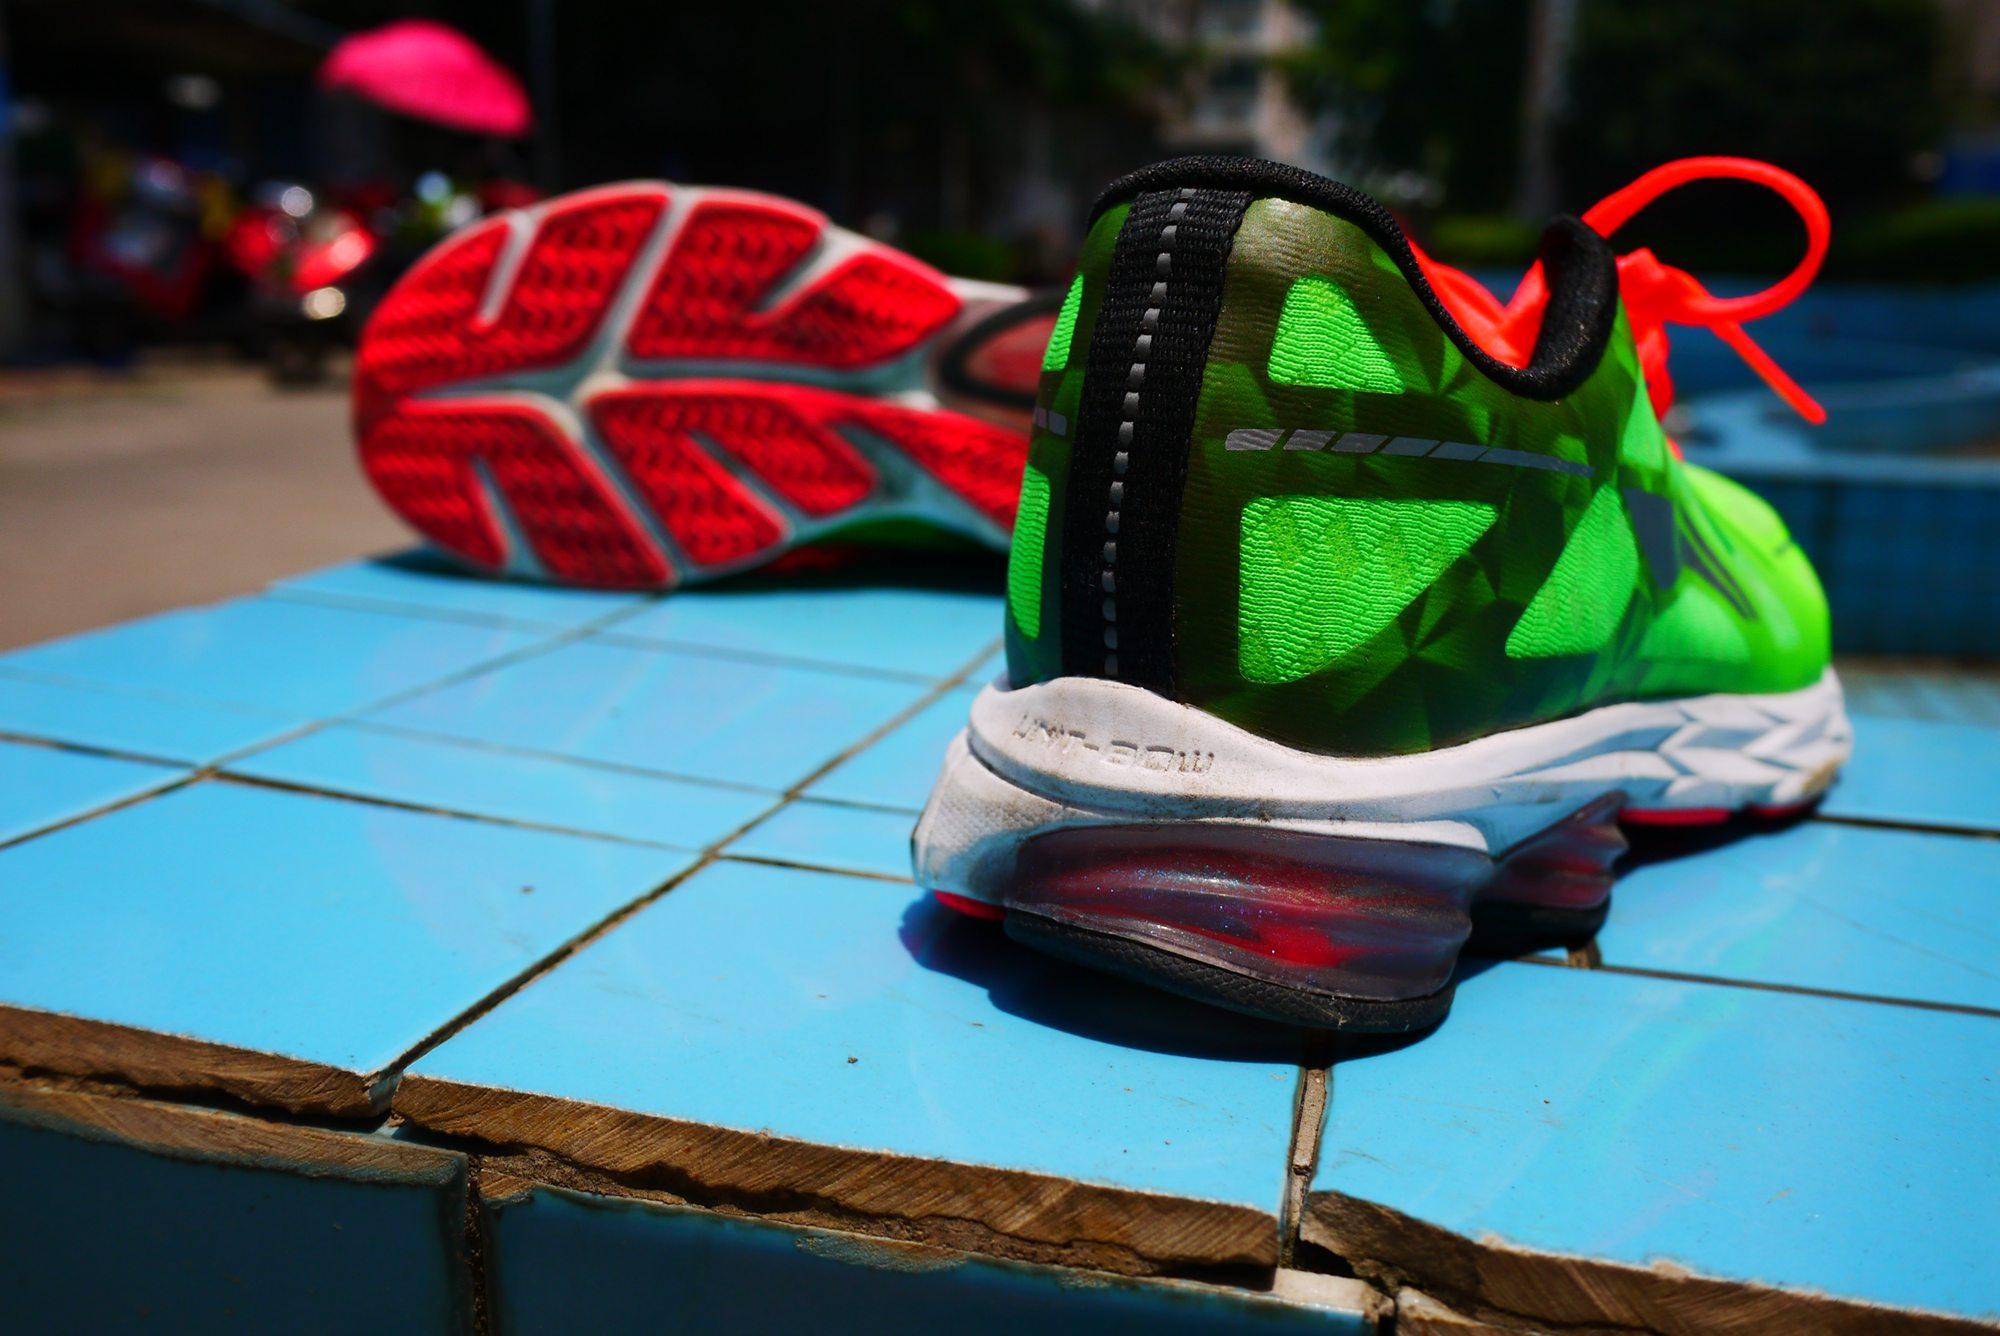 由于测试时间有限,因此这双李宁环弓二代跑鞋只经过三次试跑。分别是十公里慢跑一次,八公里田径场配速跑一次,公园23公里长距离拉练一次。合计试跑了四十公里。  基于鞋的重量及自身特点,可以肯定的是,环弓二代是一双称职的慢跑鞋,从我实际路跑的情况来看,也的确如此。当我以530左右配速行进的时候,这双鞋给我的感觉是非常棒的,脚踝部加厚的设计及弹性三明治帮面让这双鞋包裹性极佳,即便是加宽了的鞋楦让我的前脚掌在奔跑时会在鞋内略有左右移动,但并不影响触地的感觉,反而更能够让双脚在炎热的夏天保持更多的清爽。  从设计意图